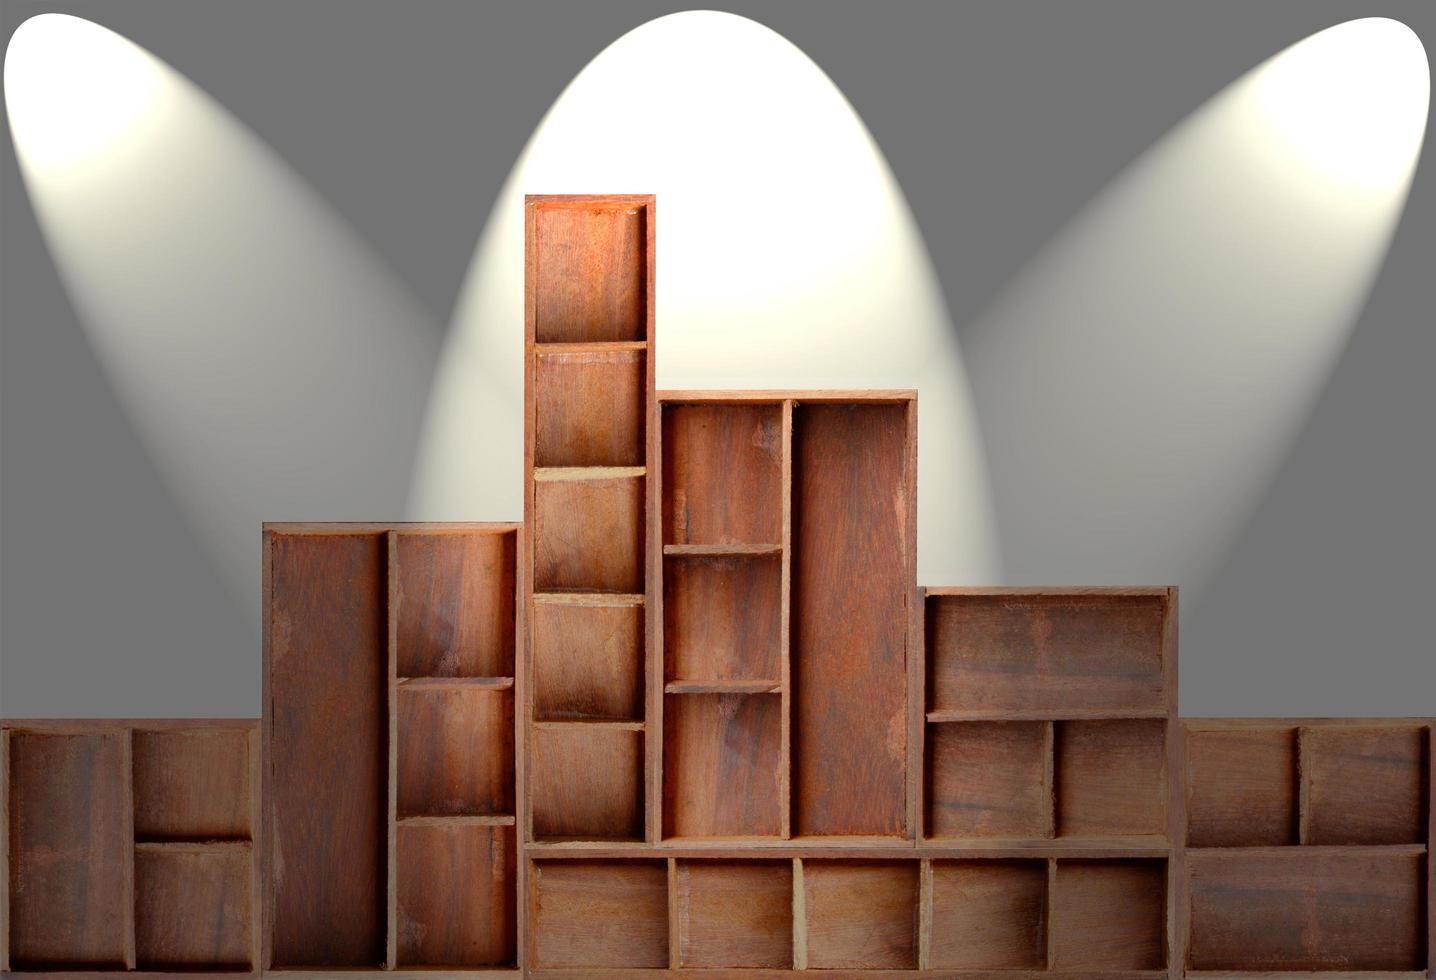 estante del gabinete de madera marrón vacío foto